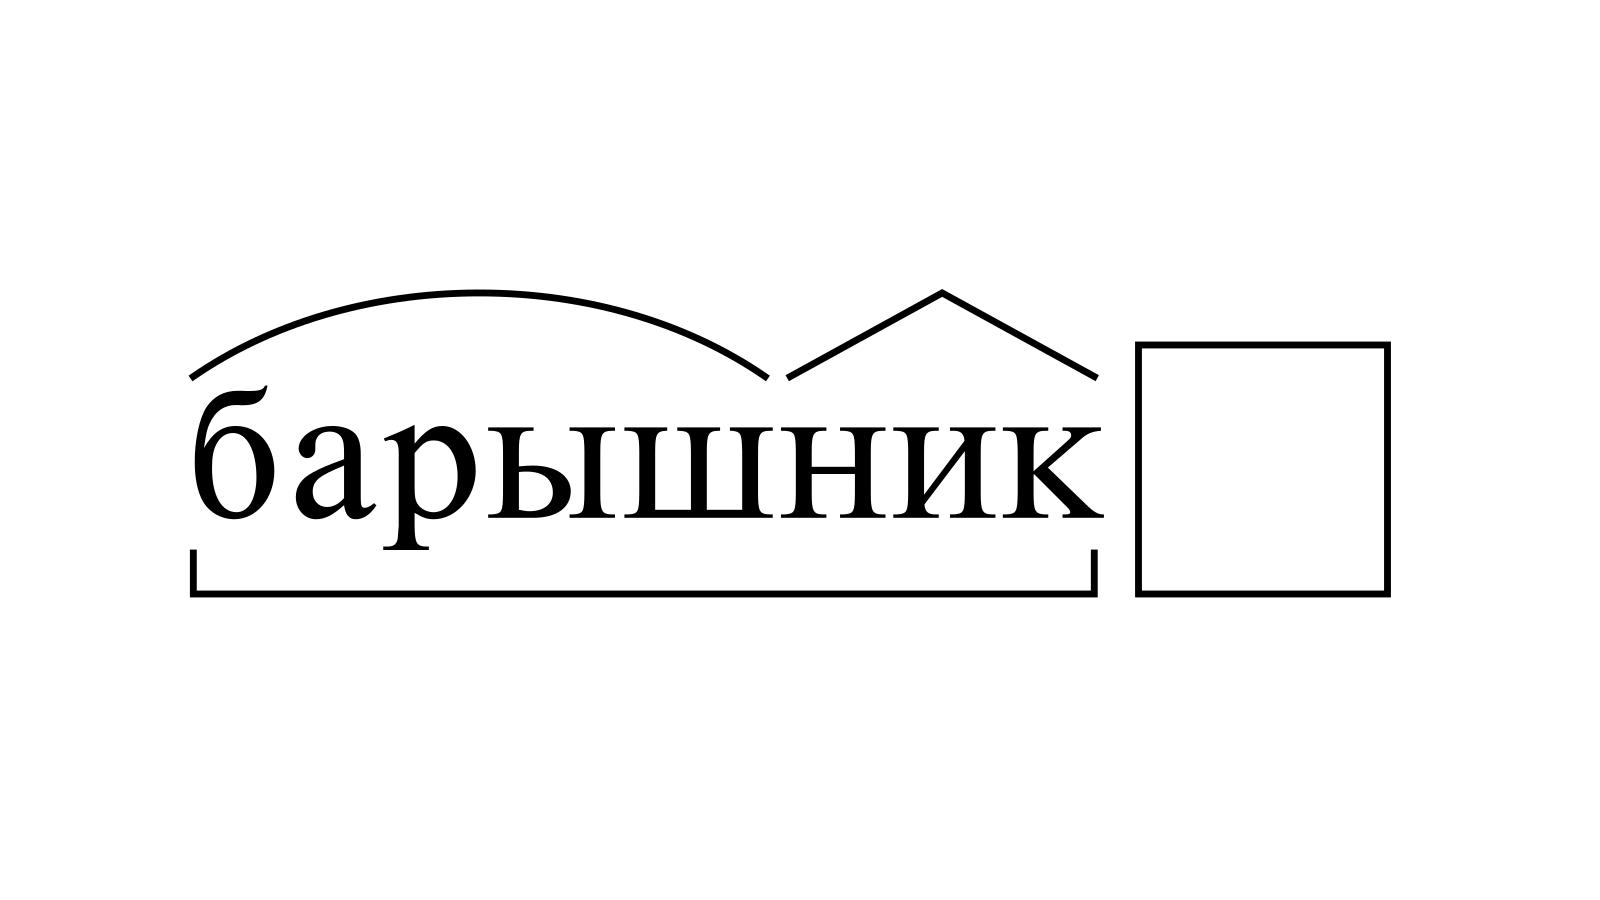 Разбор слова «барышник» по составу